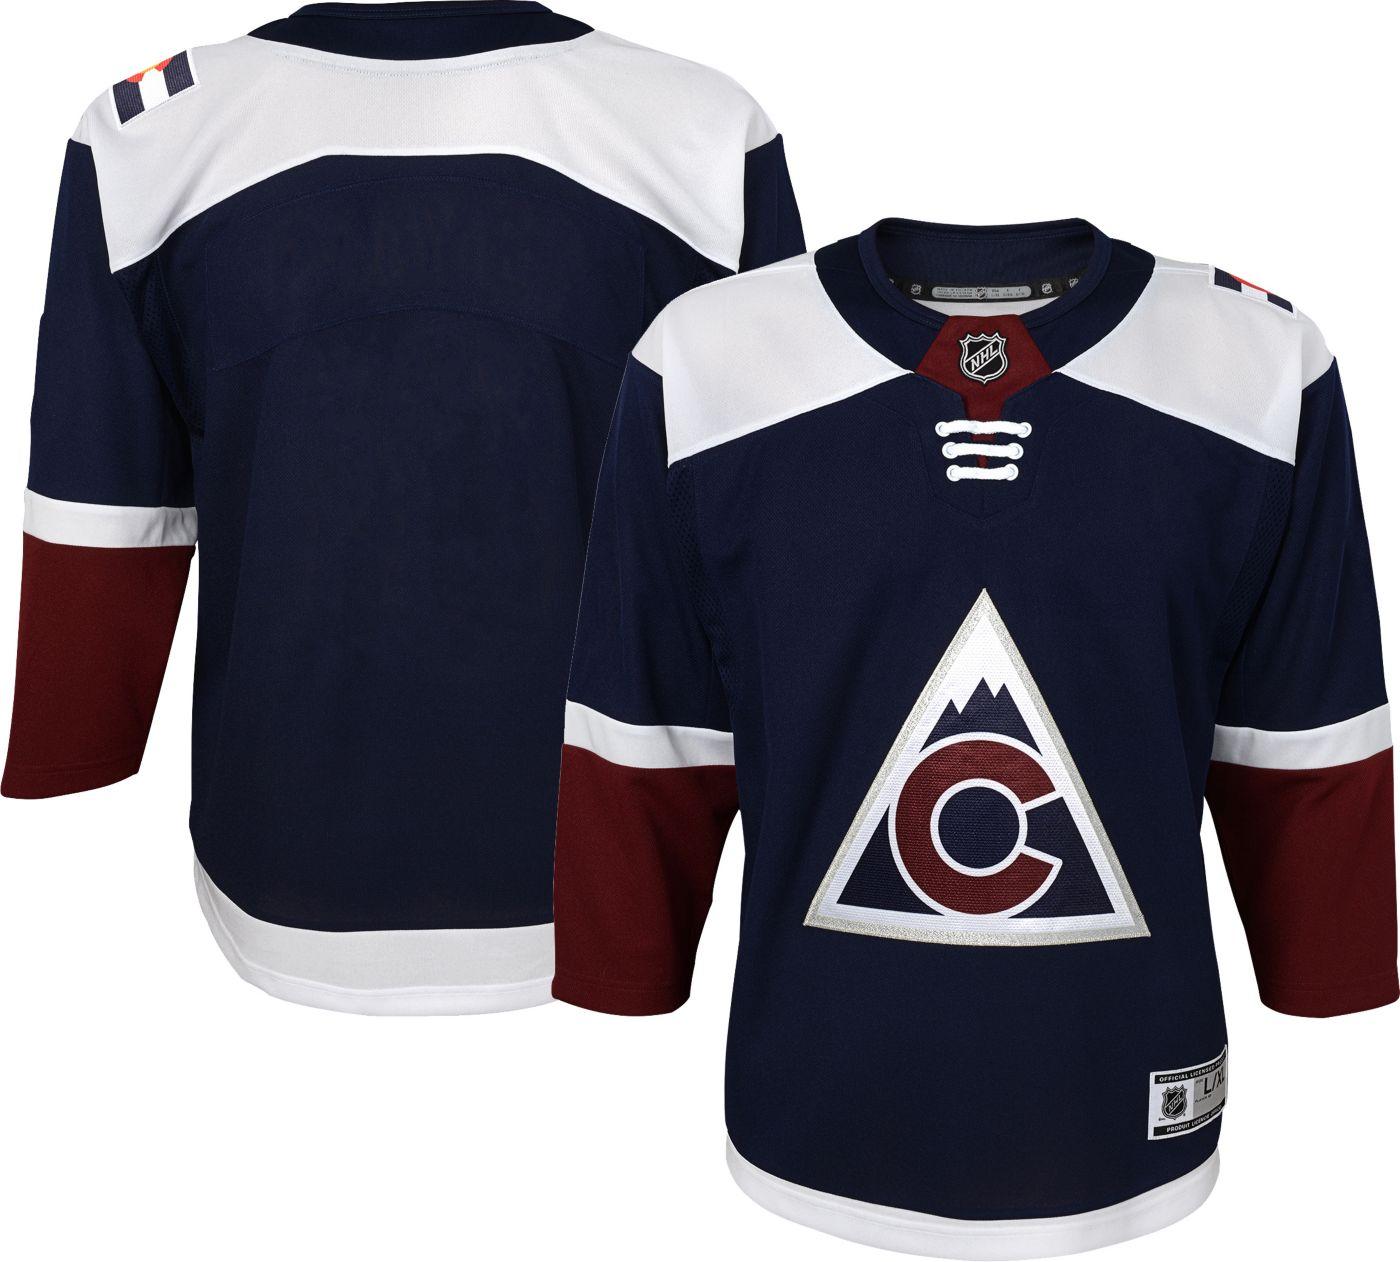 NHL Youth Colorado Avalanche Premier Alternate Jersey